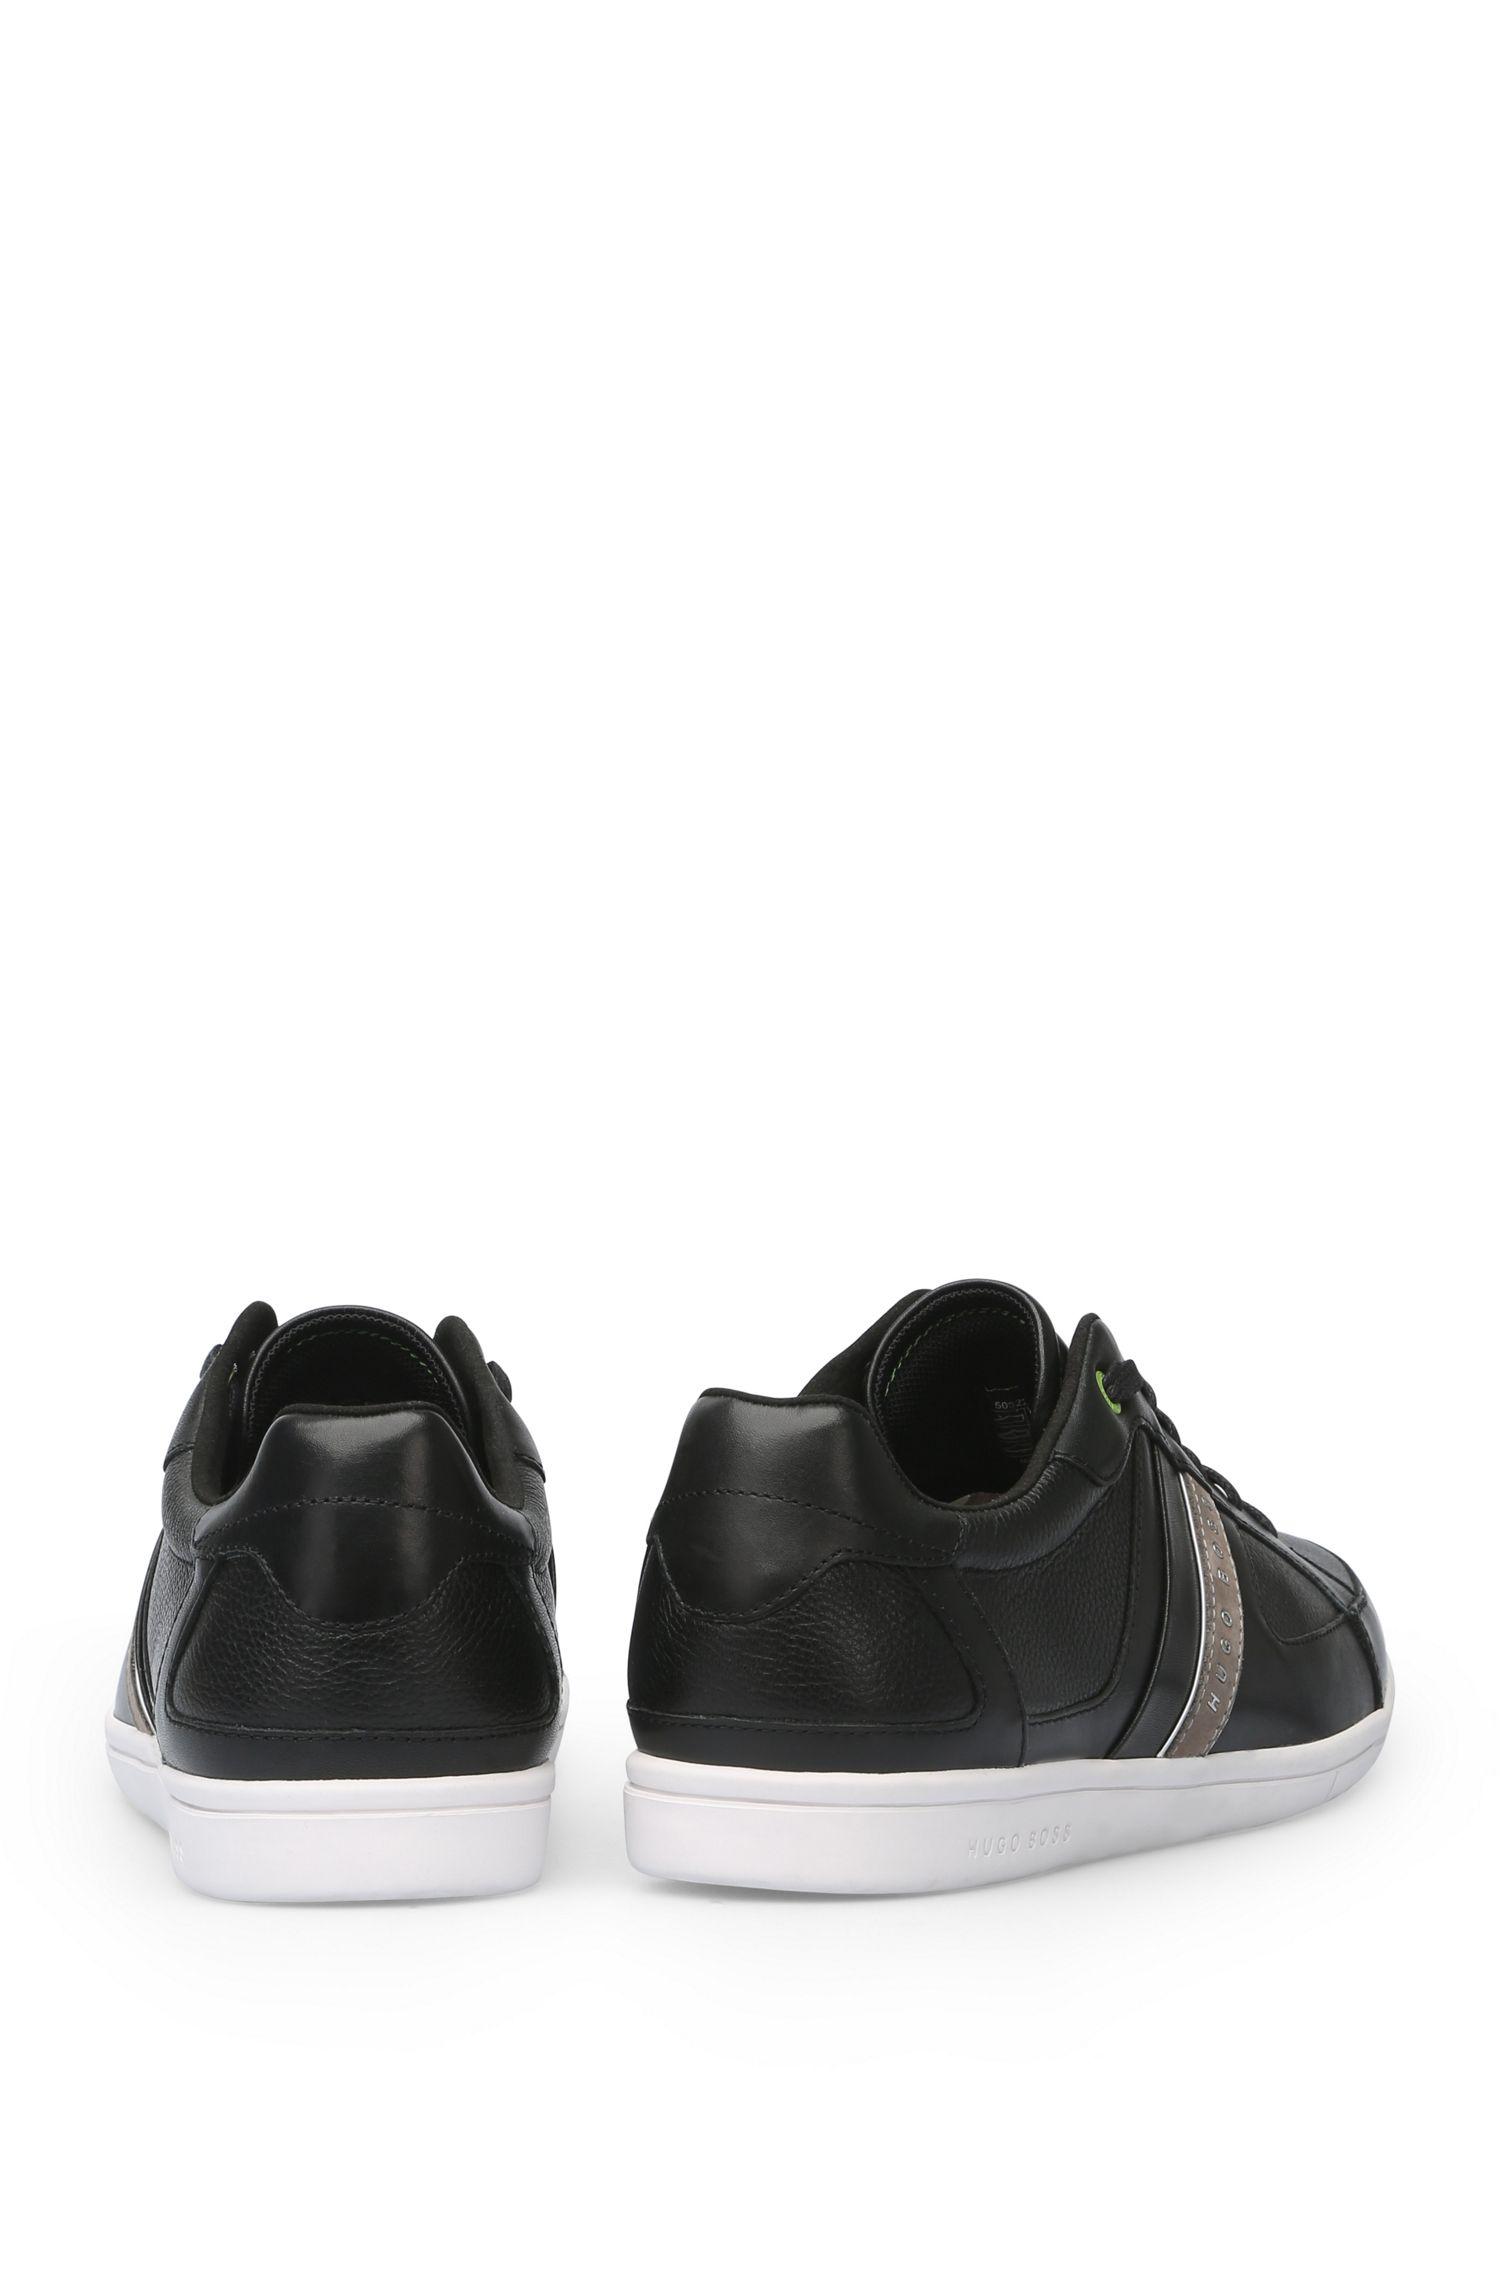 Sneakers van glad leer met contrastzool: 'Metro_Tenn_ltgr'